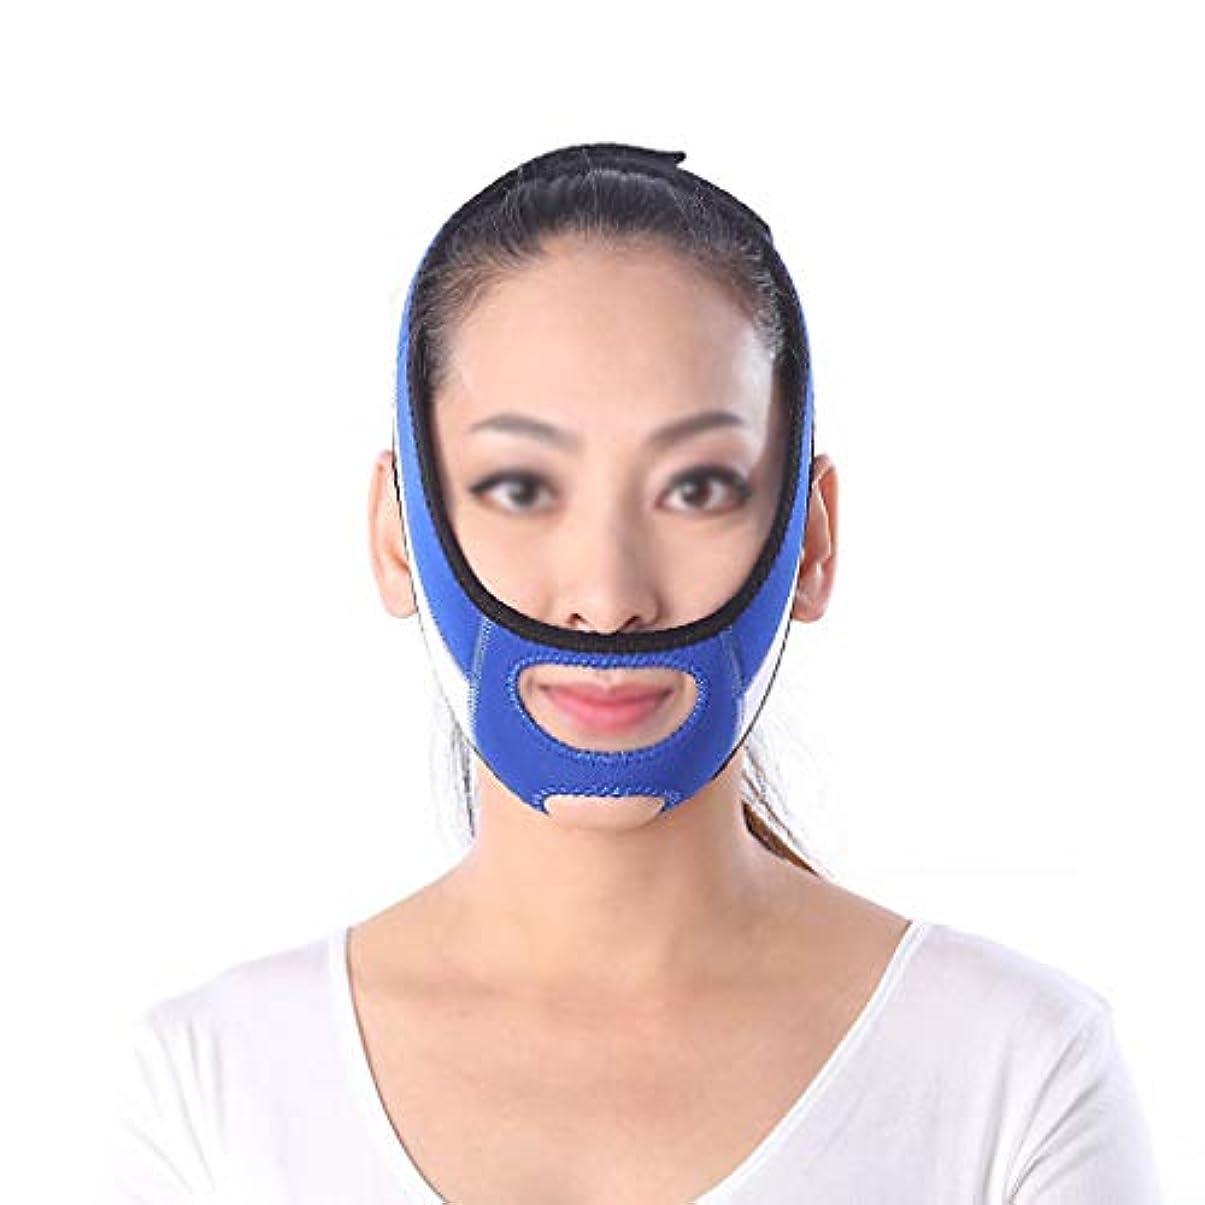 招待回復修道院XHLMRMJ フェイスリフティング包帯、フェイスリフティングマスク、フェイスリフティング器具、二重あごケア減量、フェイシャルリフティングストラップ(フリーサイズ、ブルー)